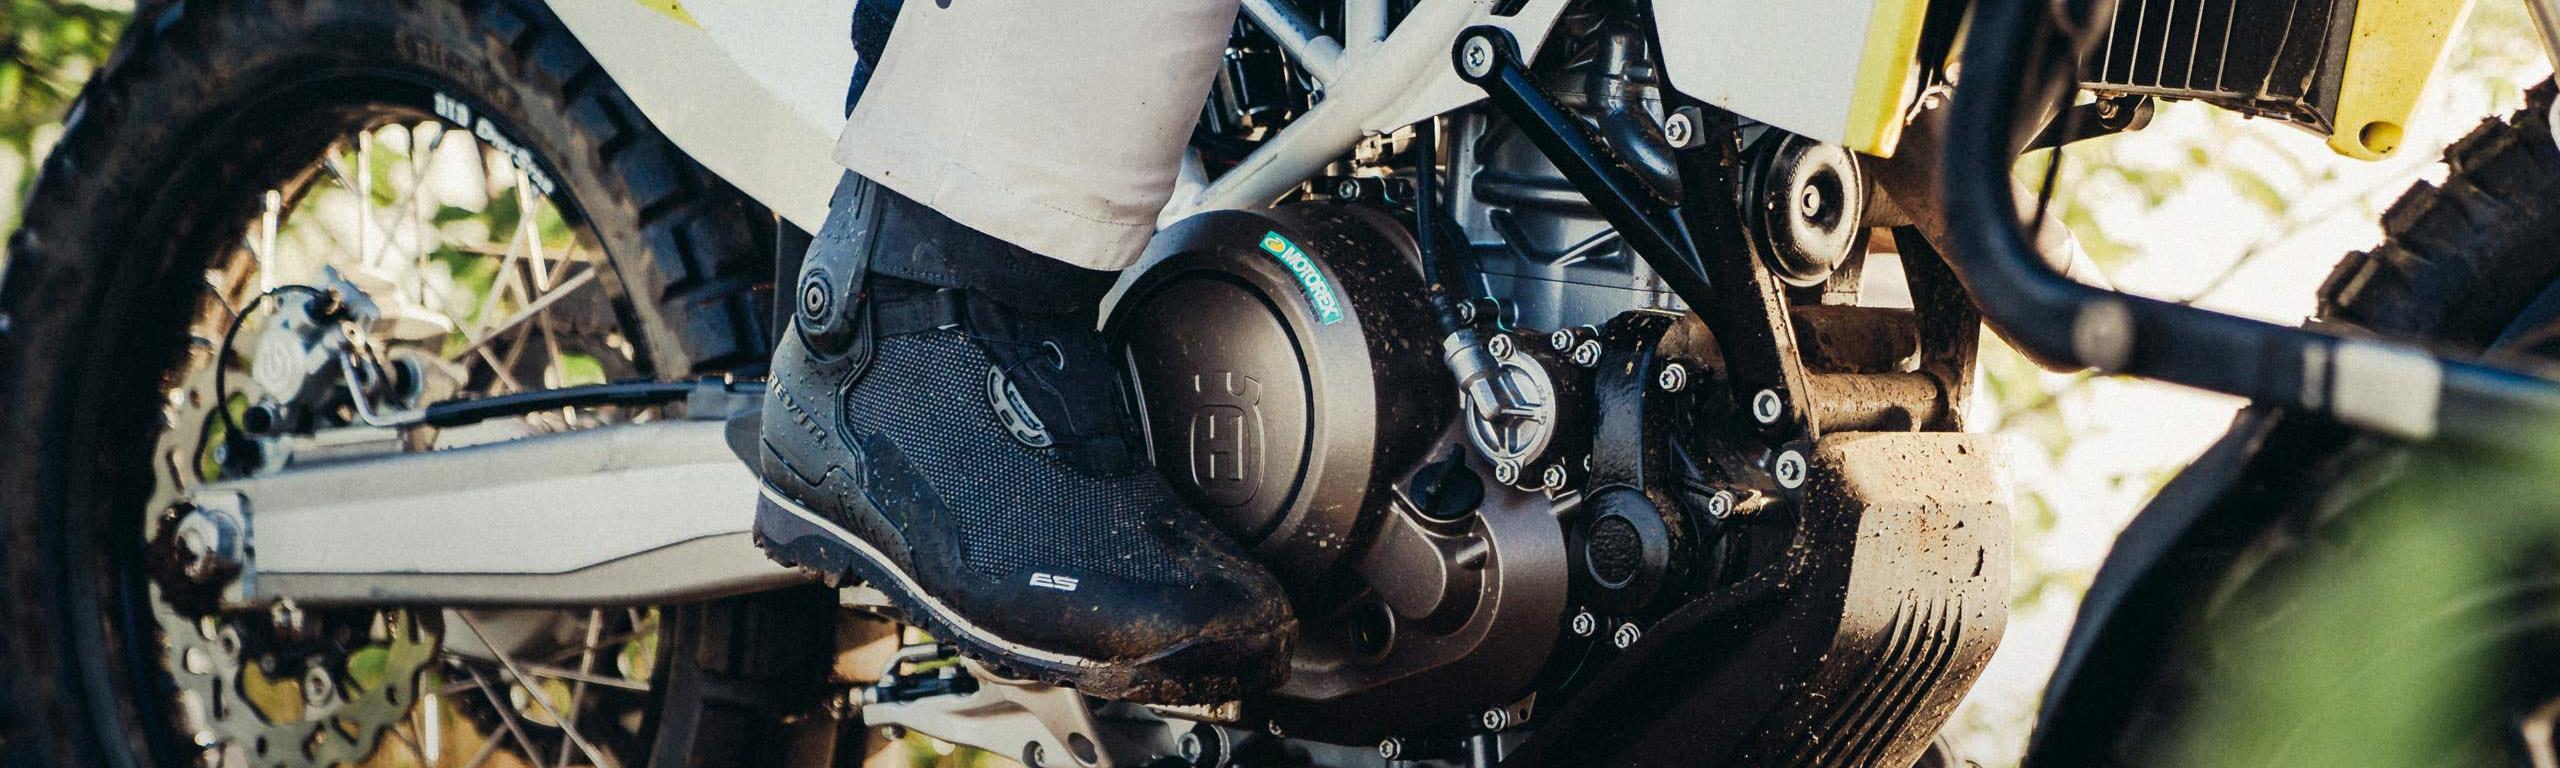 buty motocyklowe, turystyczne buty motocyklowe